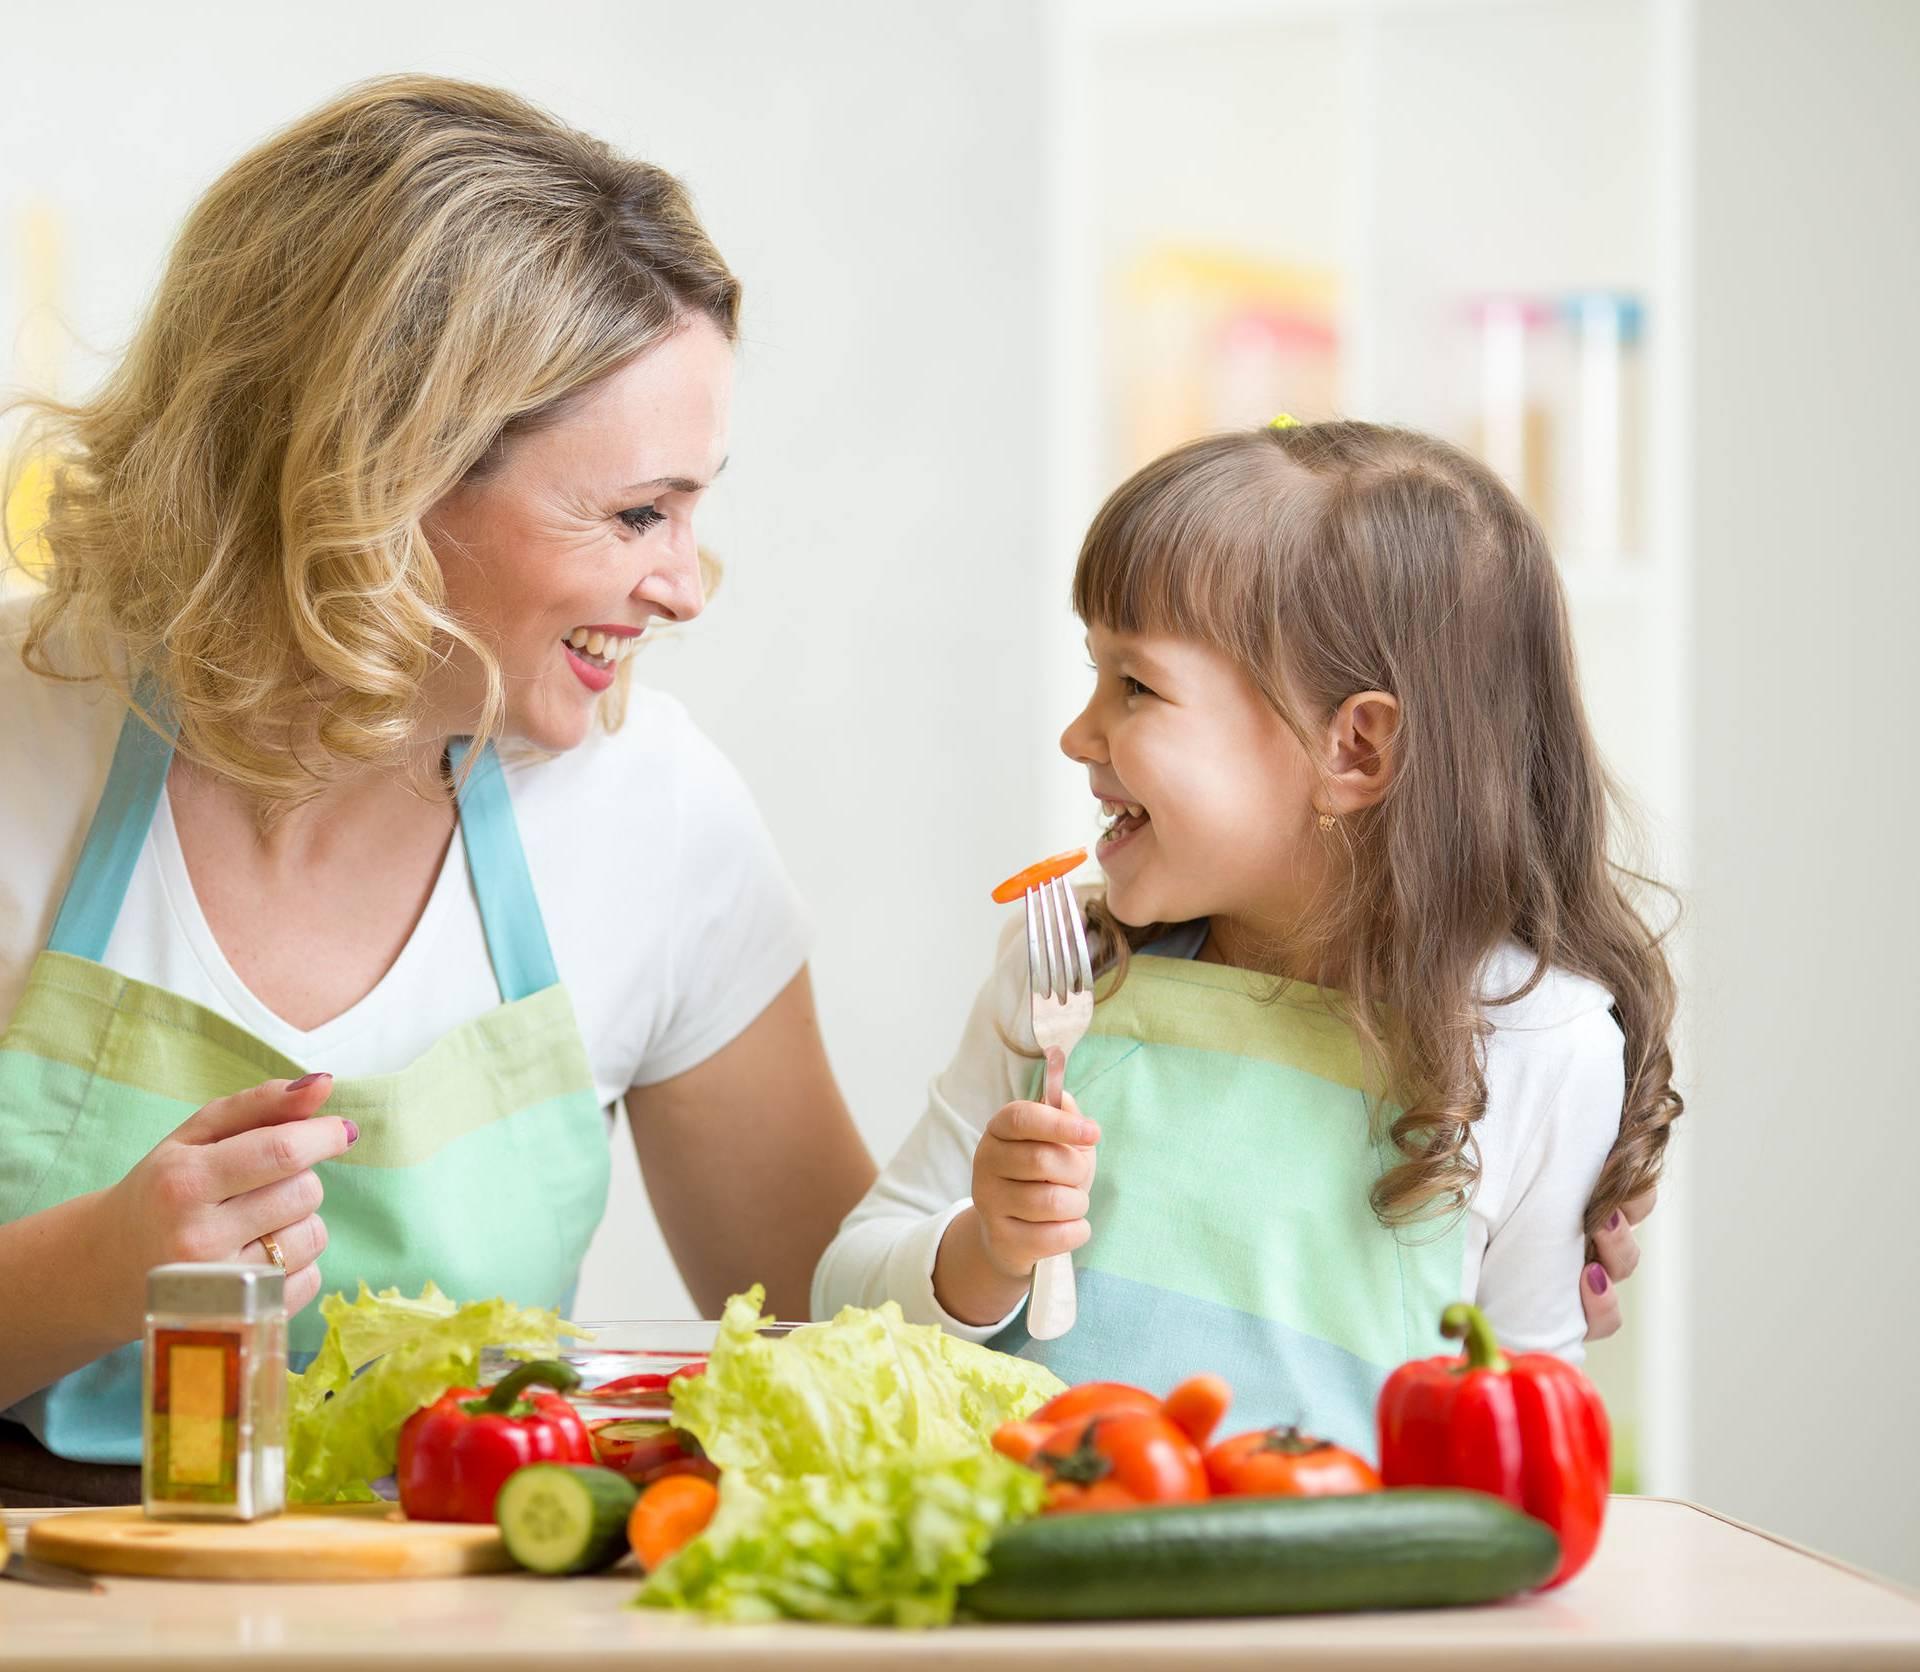 Voće i povrće dobro utječu na raspoloženje, kao novi posao